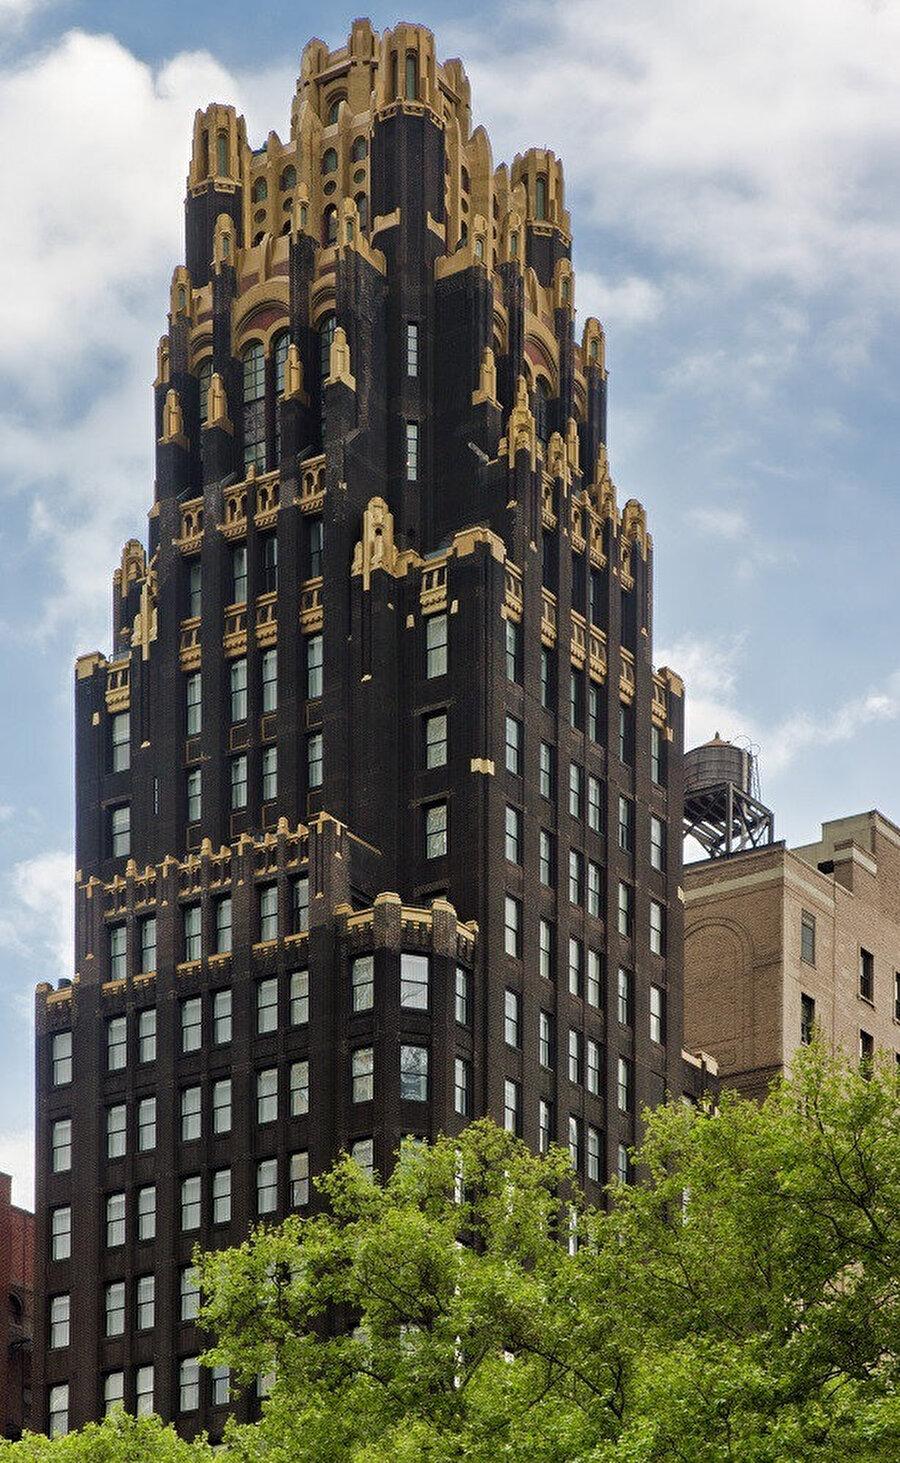 Amerika Birleşik Devletleri'ndeki 1924'ten kalma en eski Art Deco yapısı, Amerikan Radyatör Binası.